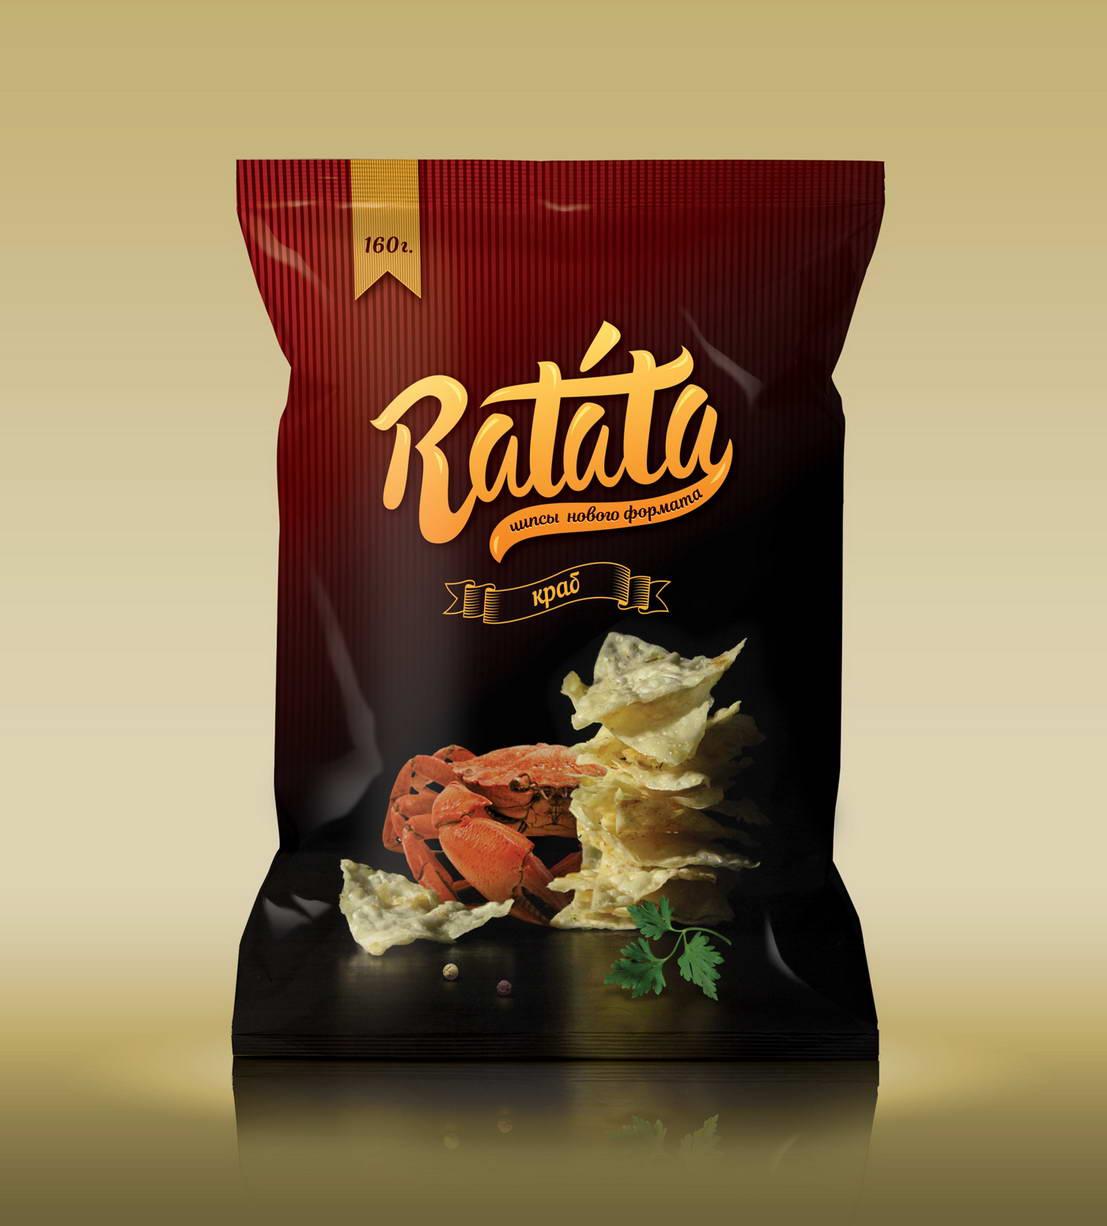 Ratata at alimango packaging disenyo